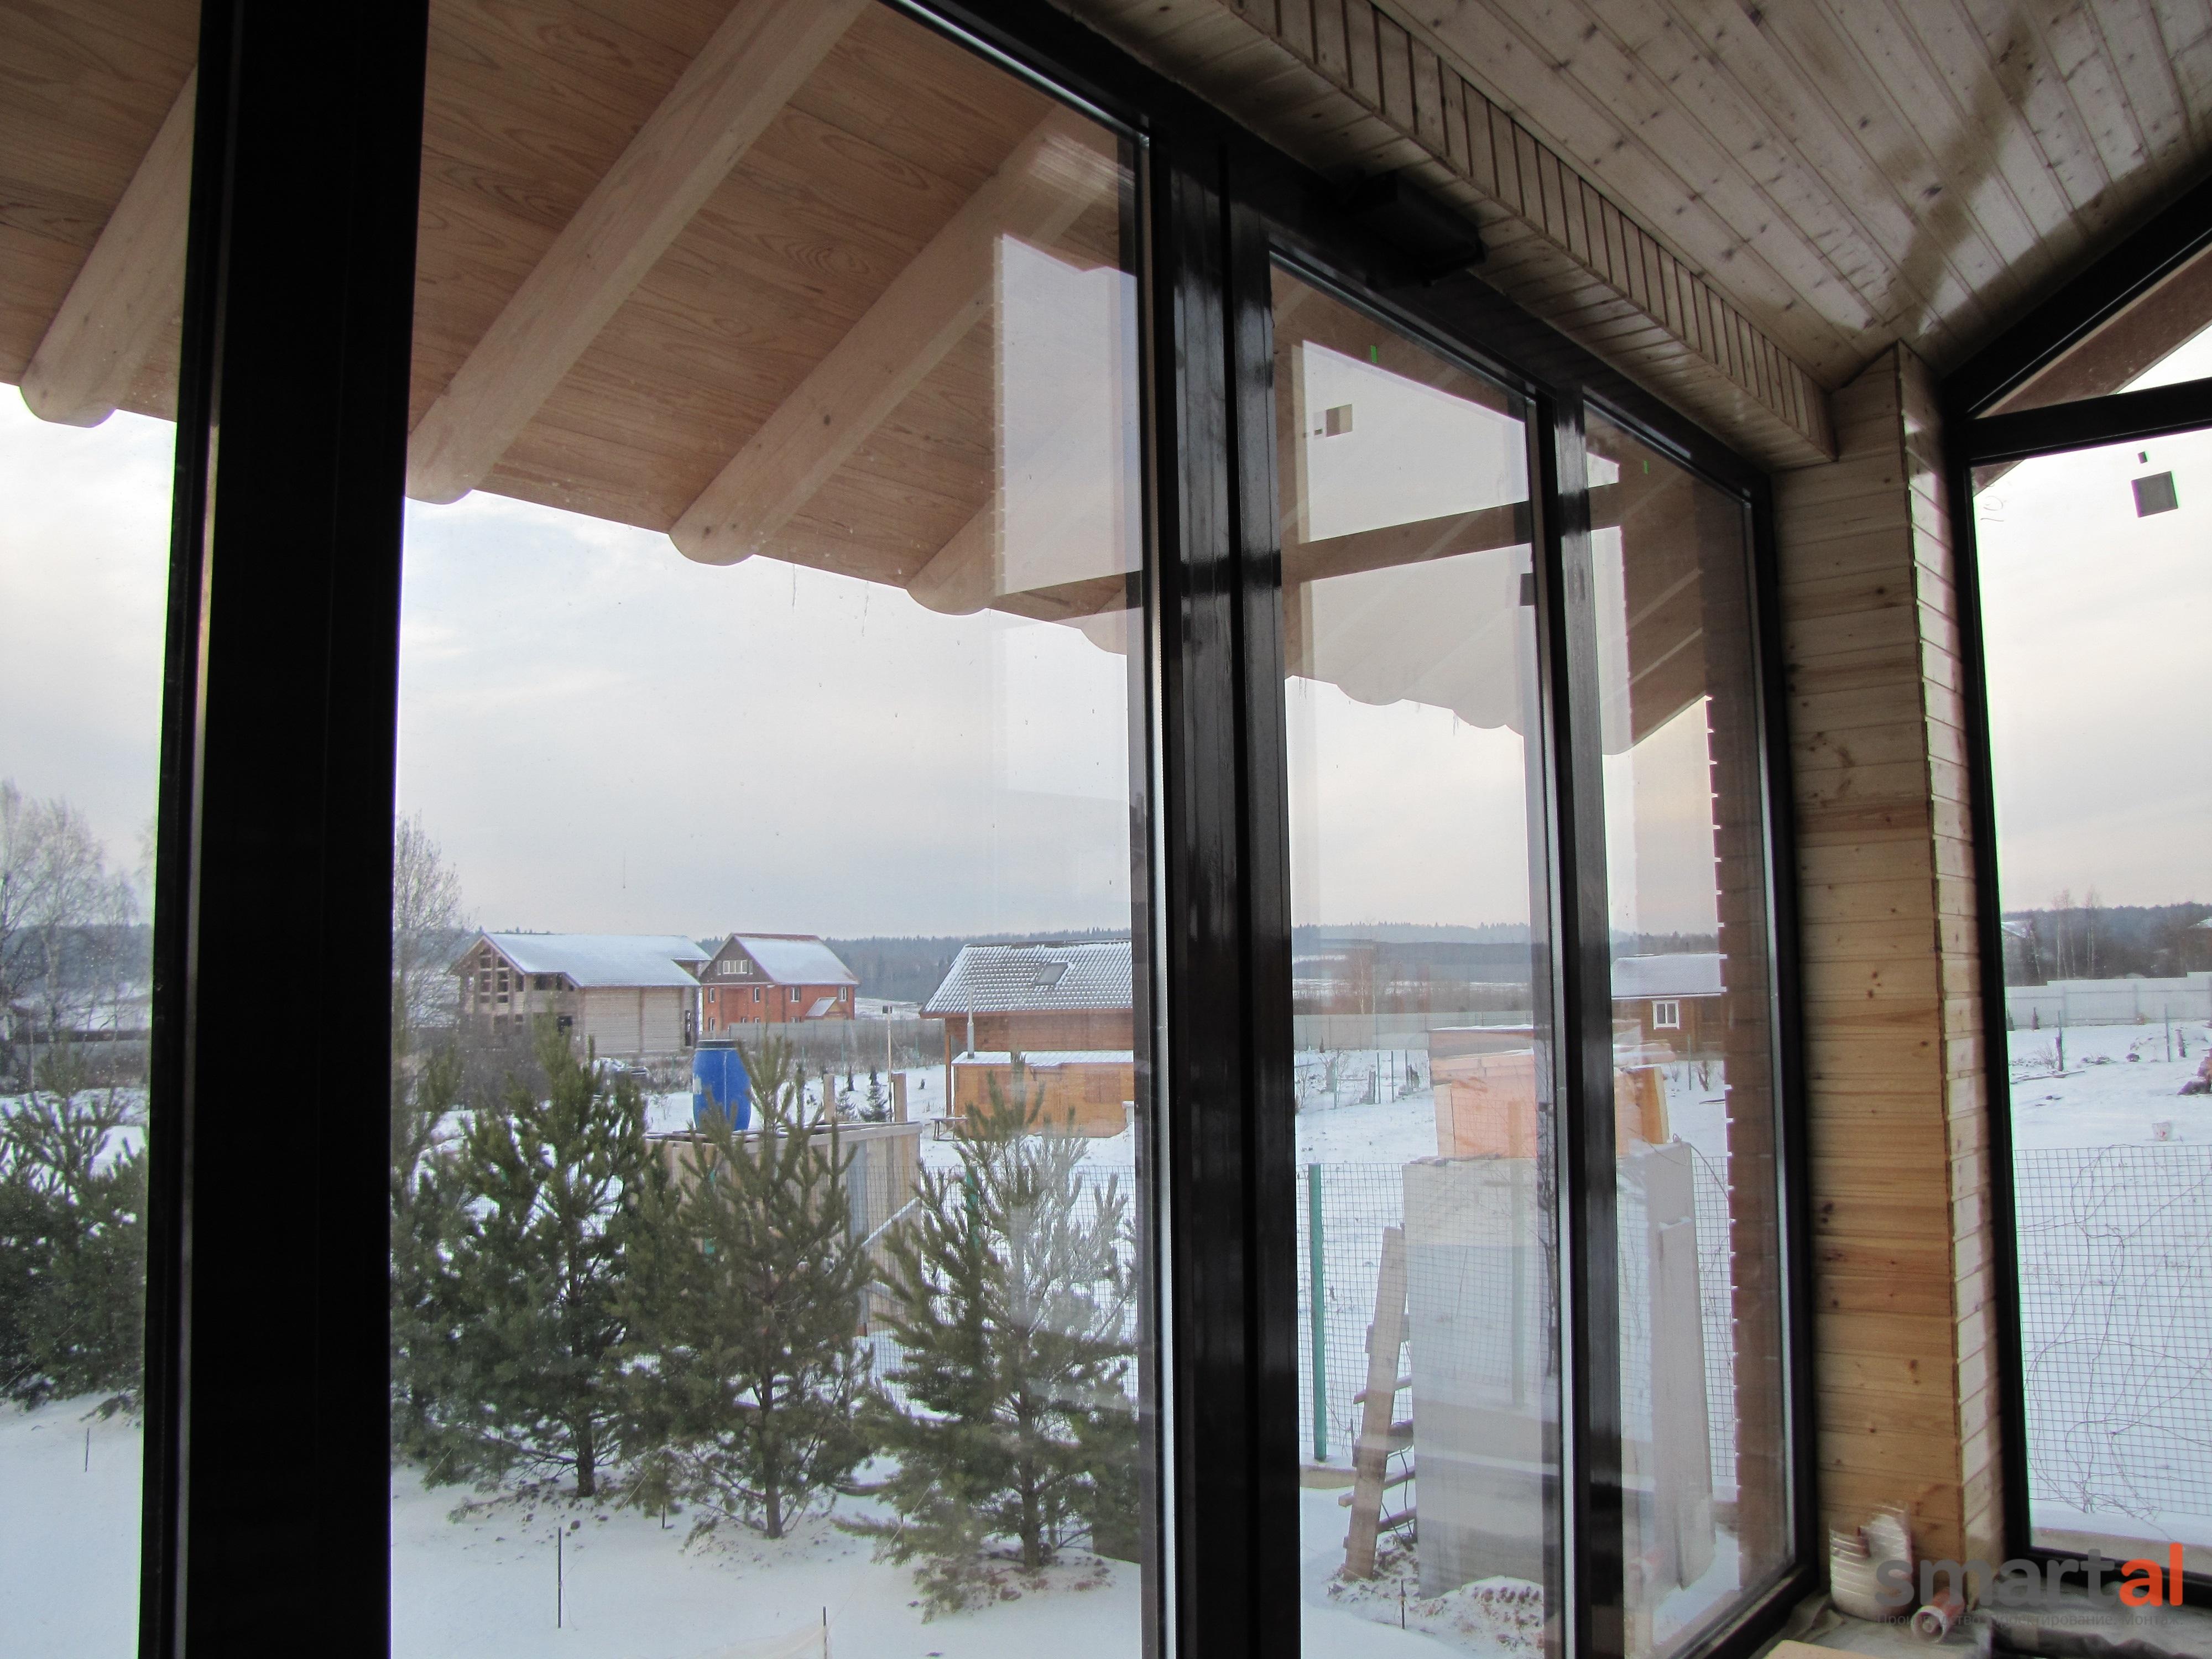 Алюминиевые окна: их особенности, недостатки, преимущества